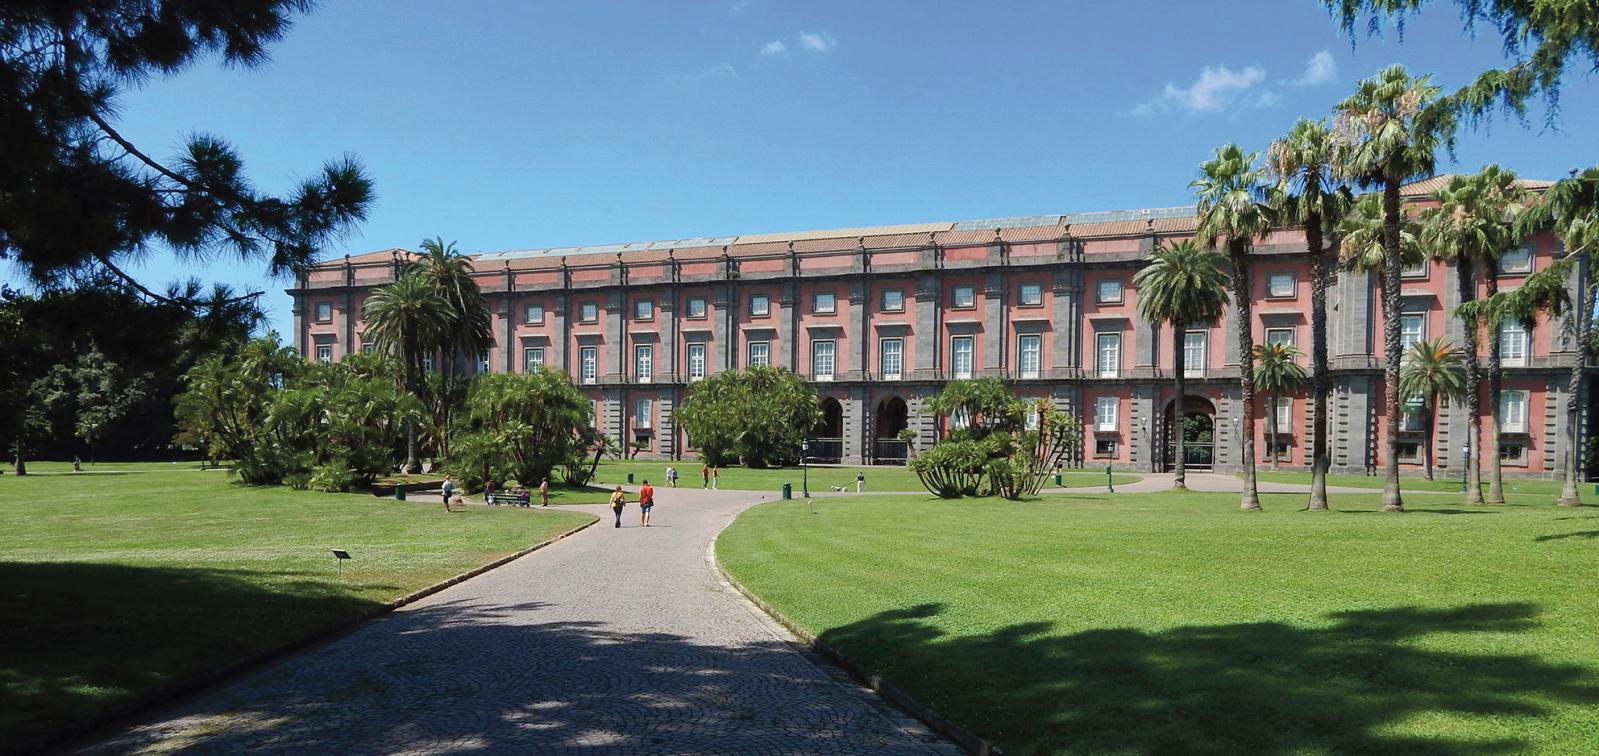 La Reggia, Museo di Capodimonte.© Salvatore Terrano